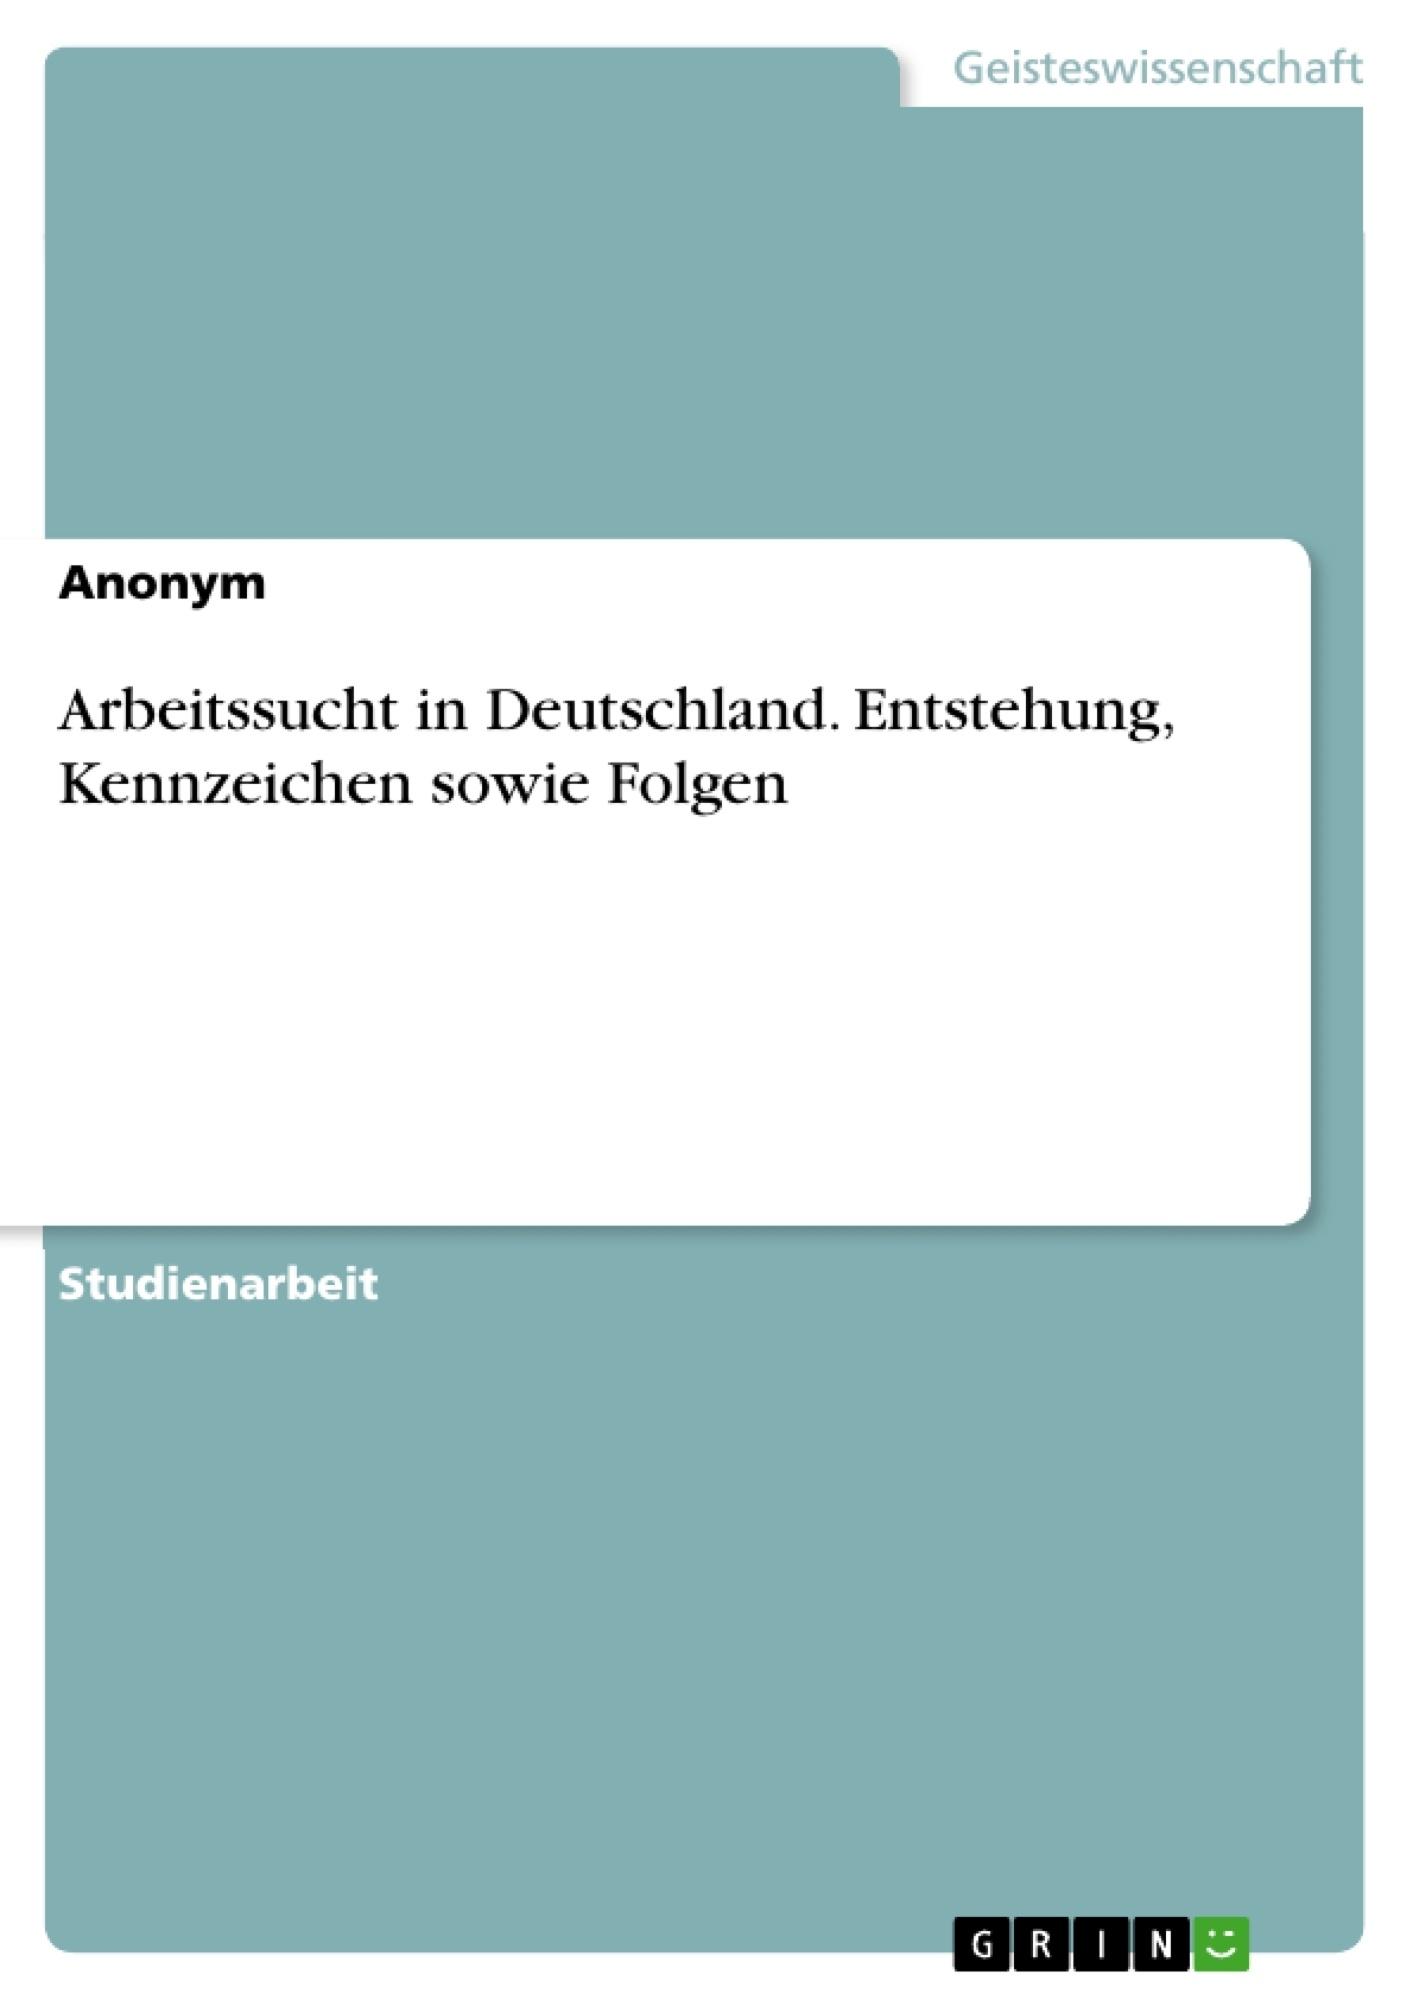 Titel: Arbeitssucht in Deutschland. Entstehung, Kennzeichen sowie Folgen